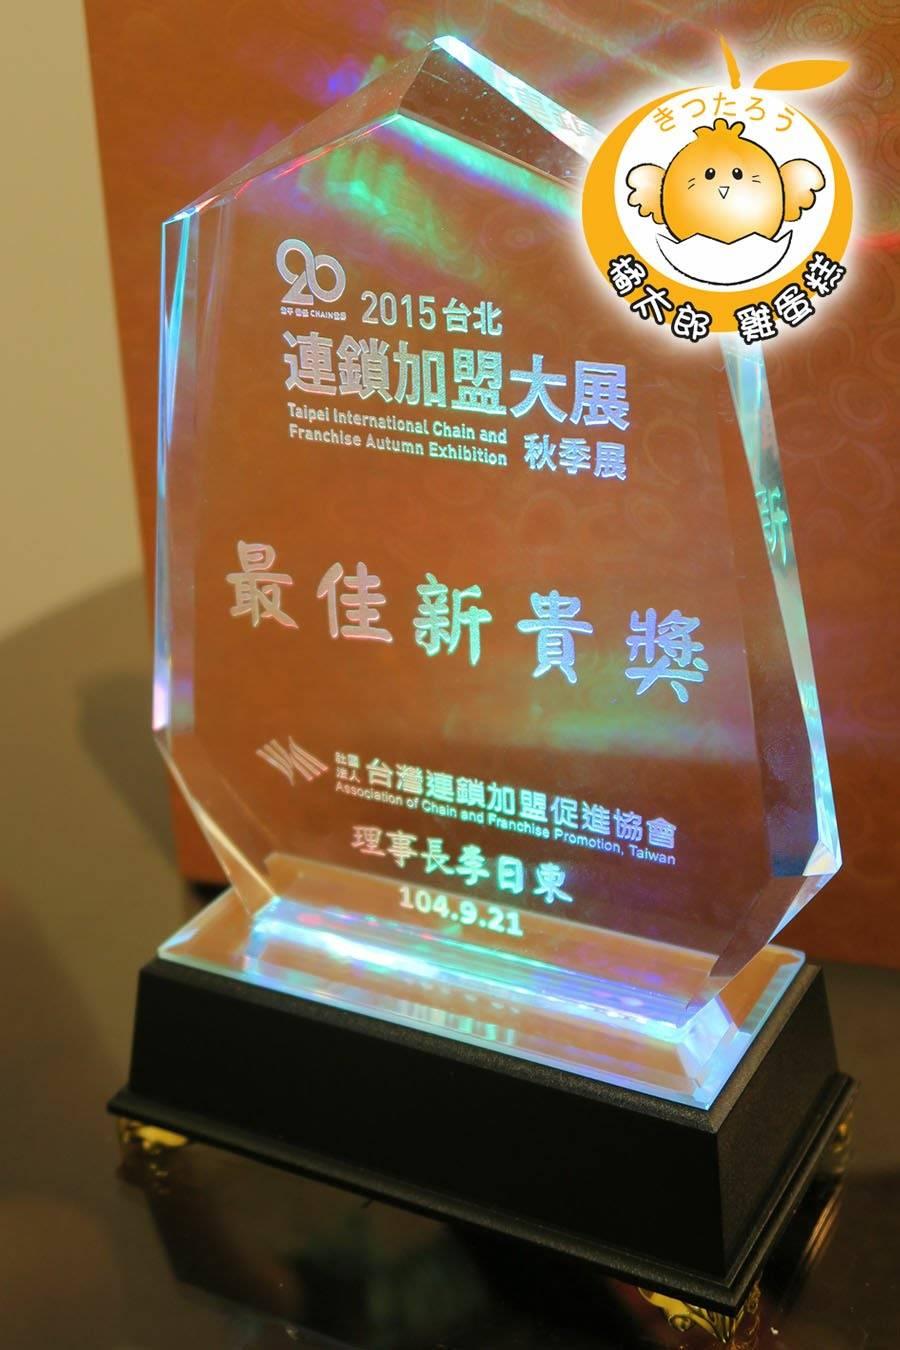 橘太郎爆漿雞蛋糕年度秋季加盟展-最佳新貴獎